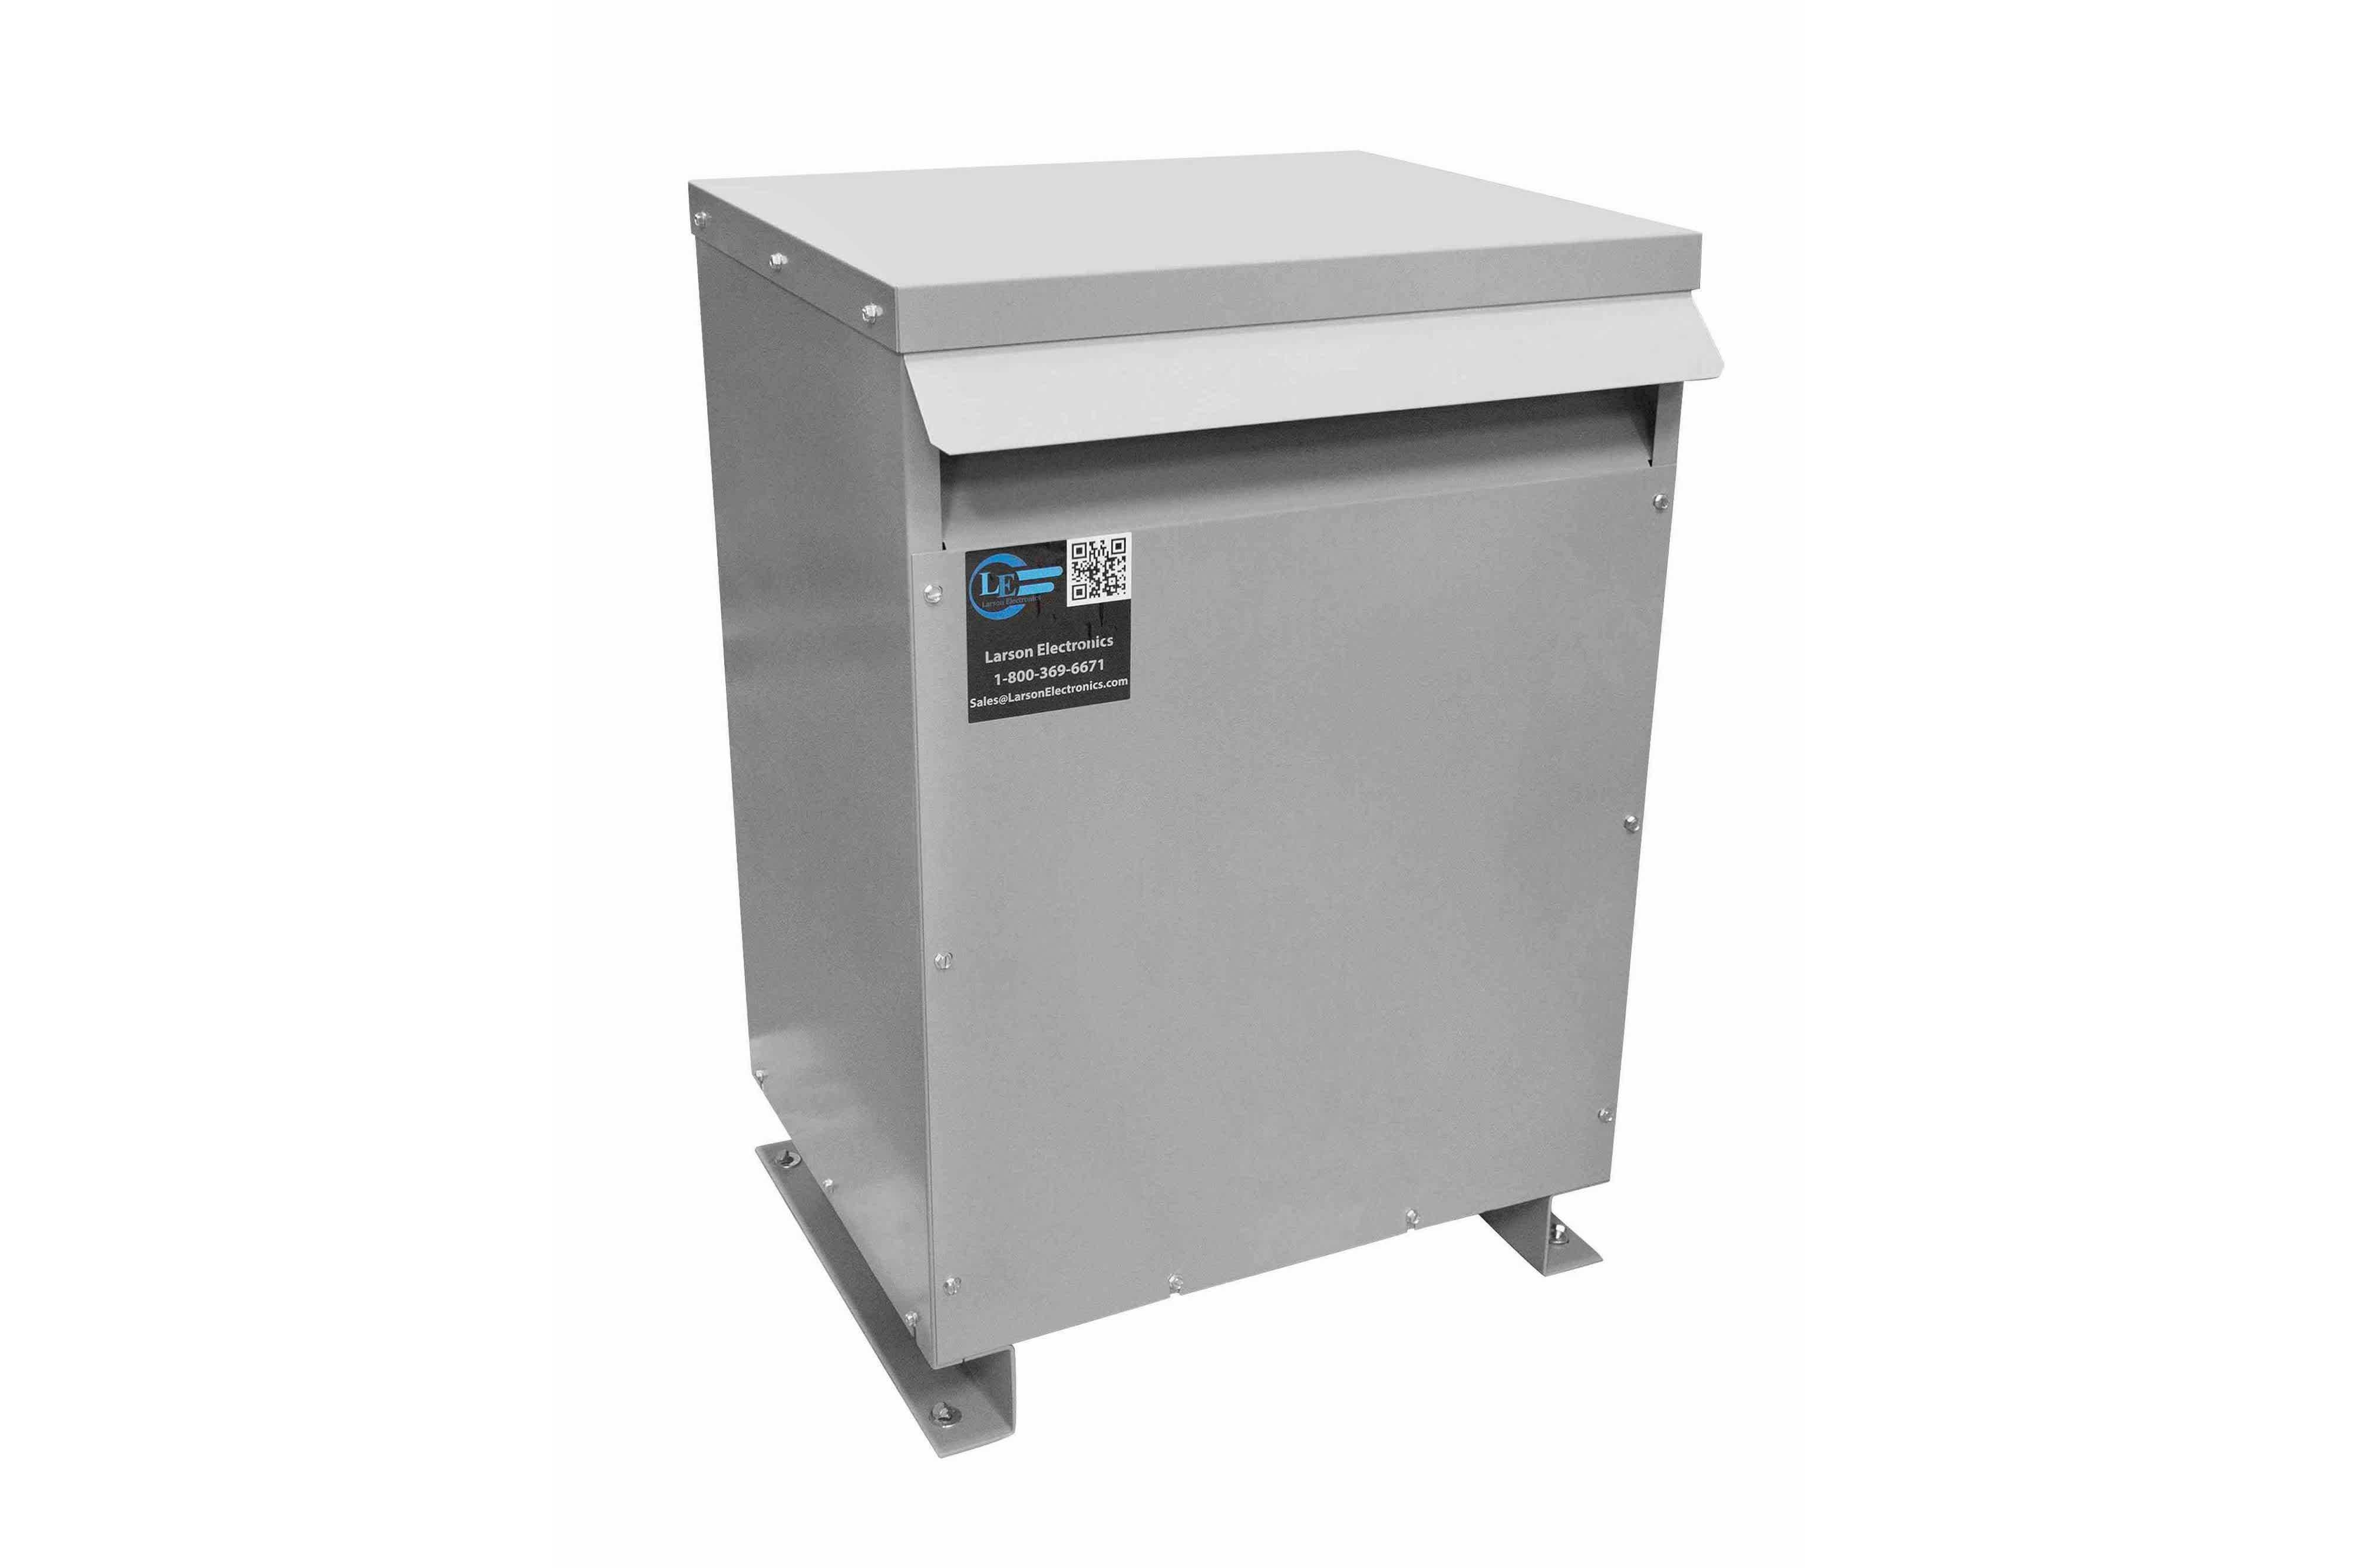 175 kVA 3PH Isolation Transformer, 400V Delta Primary, 208V Delta Secondary, N3R, Ventilated, 60 Hz